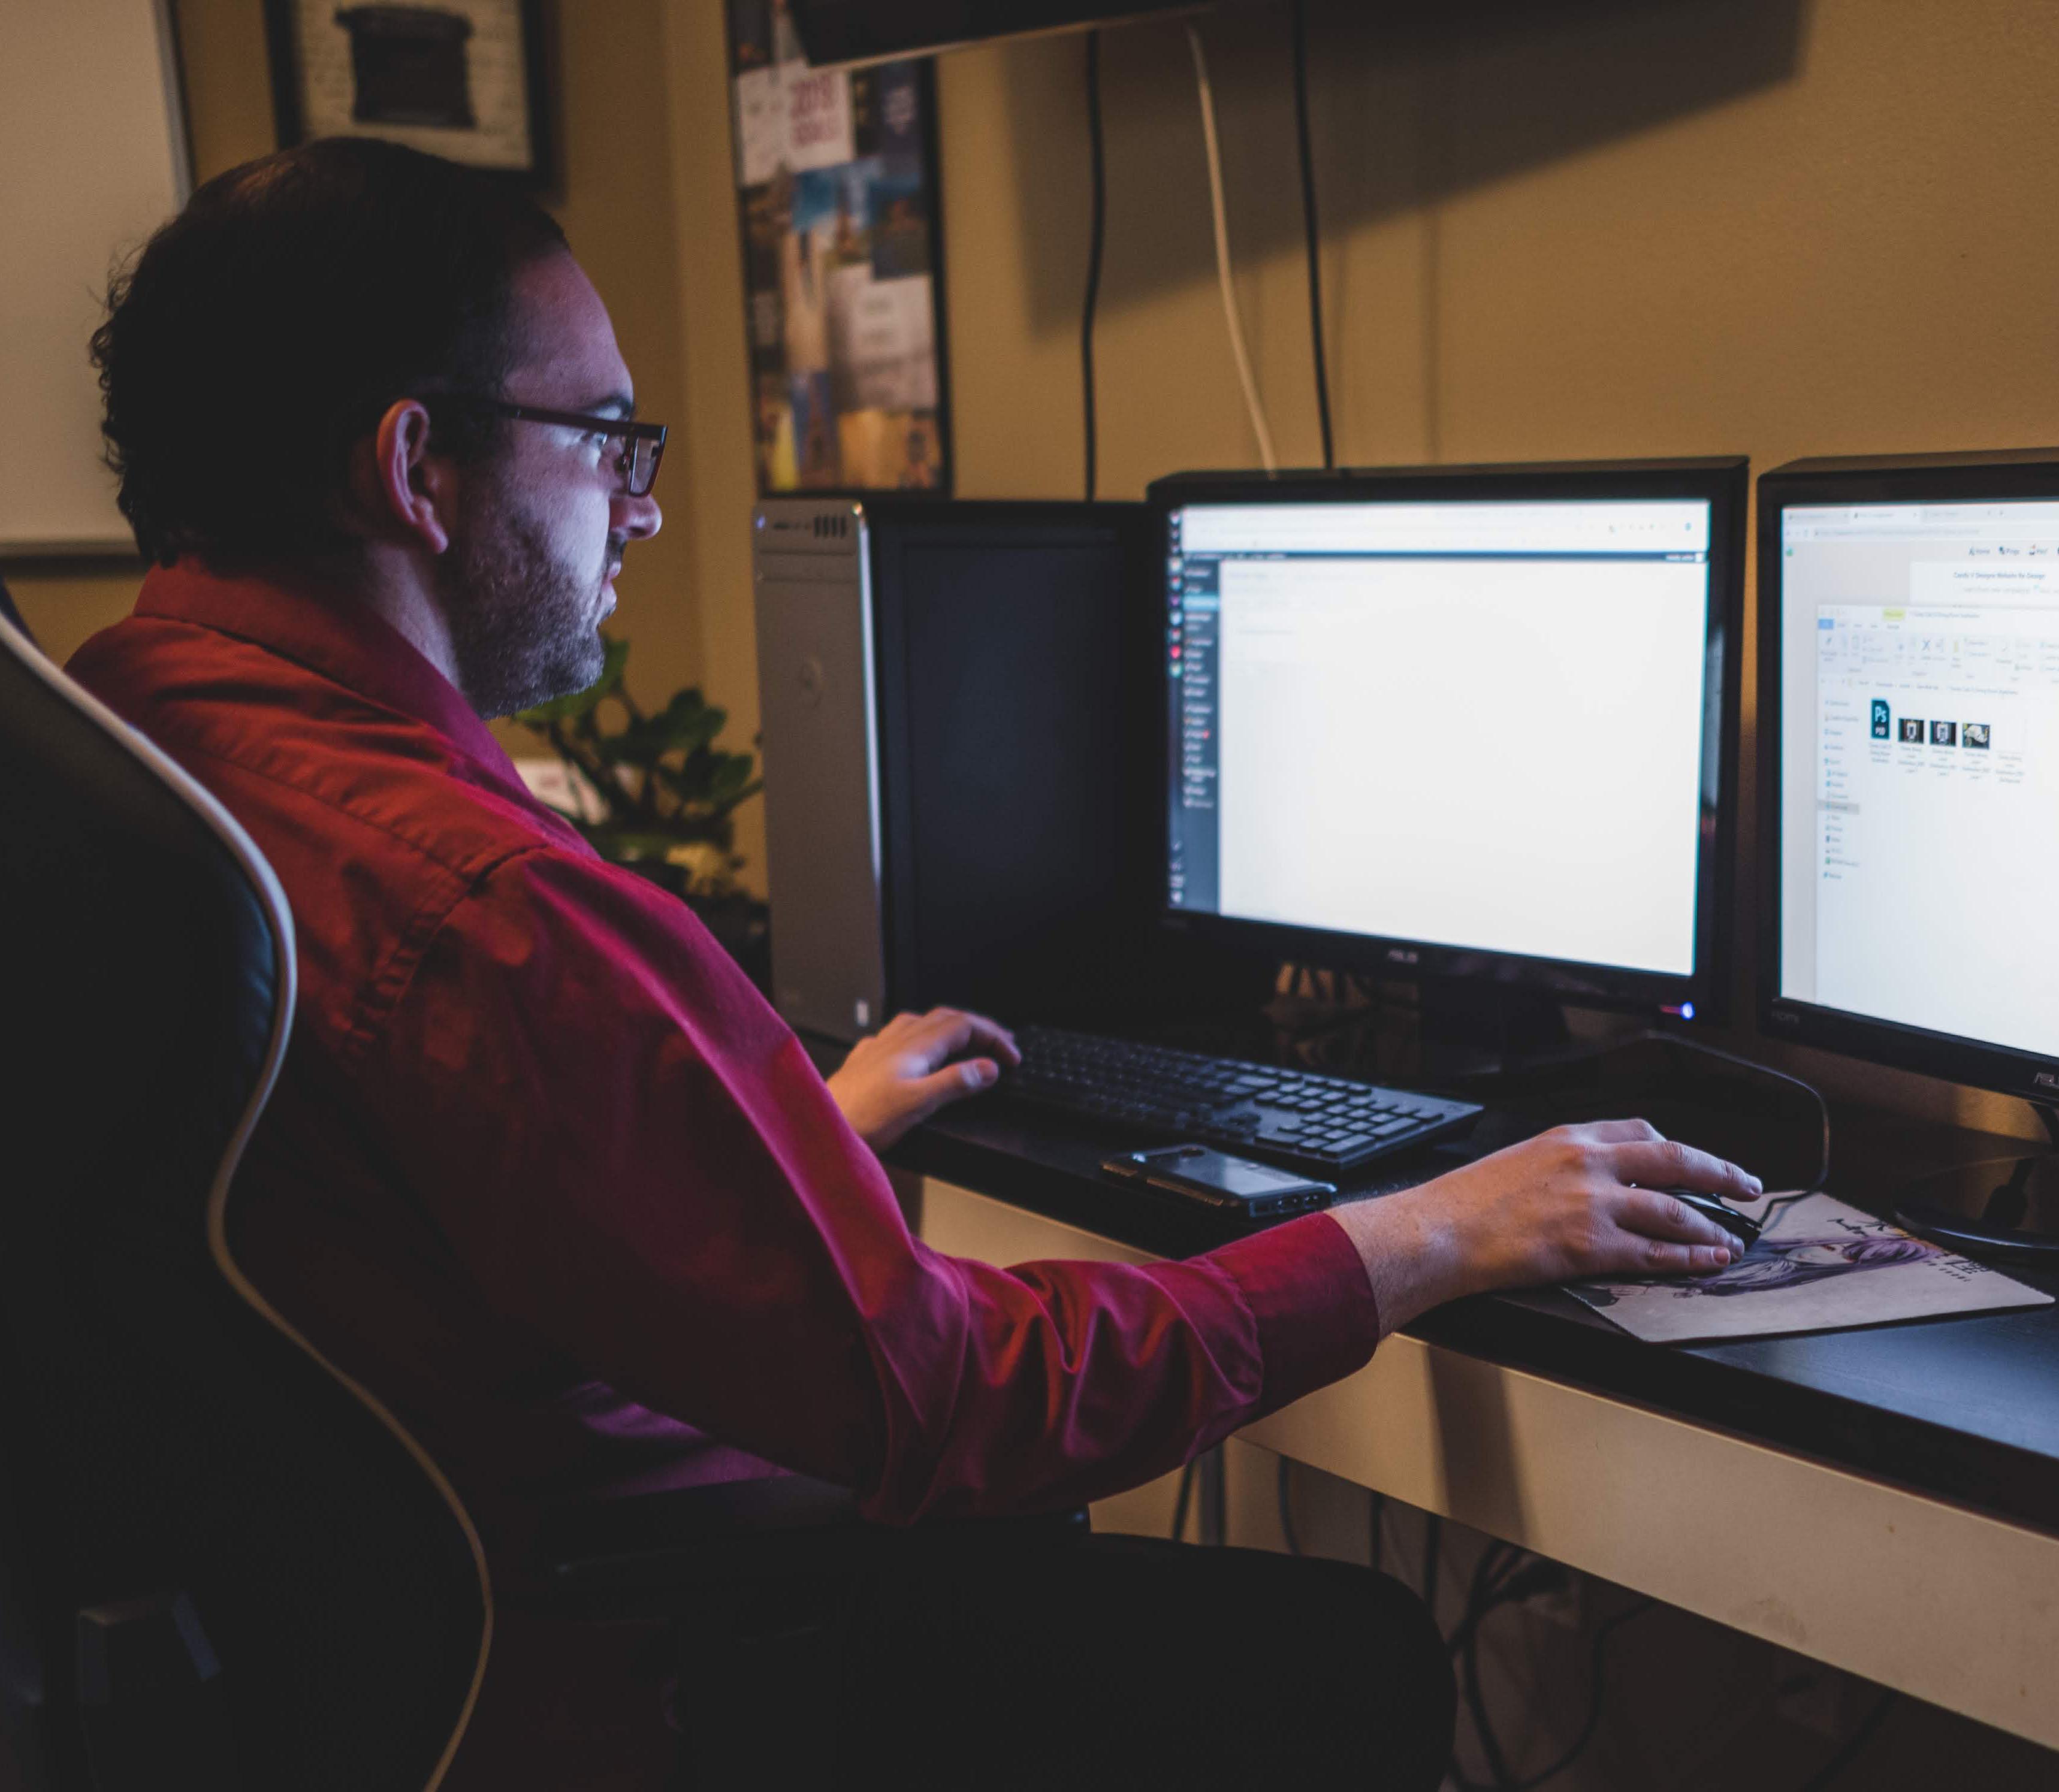 Felix at his computer.